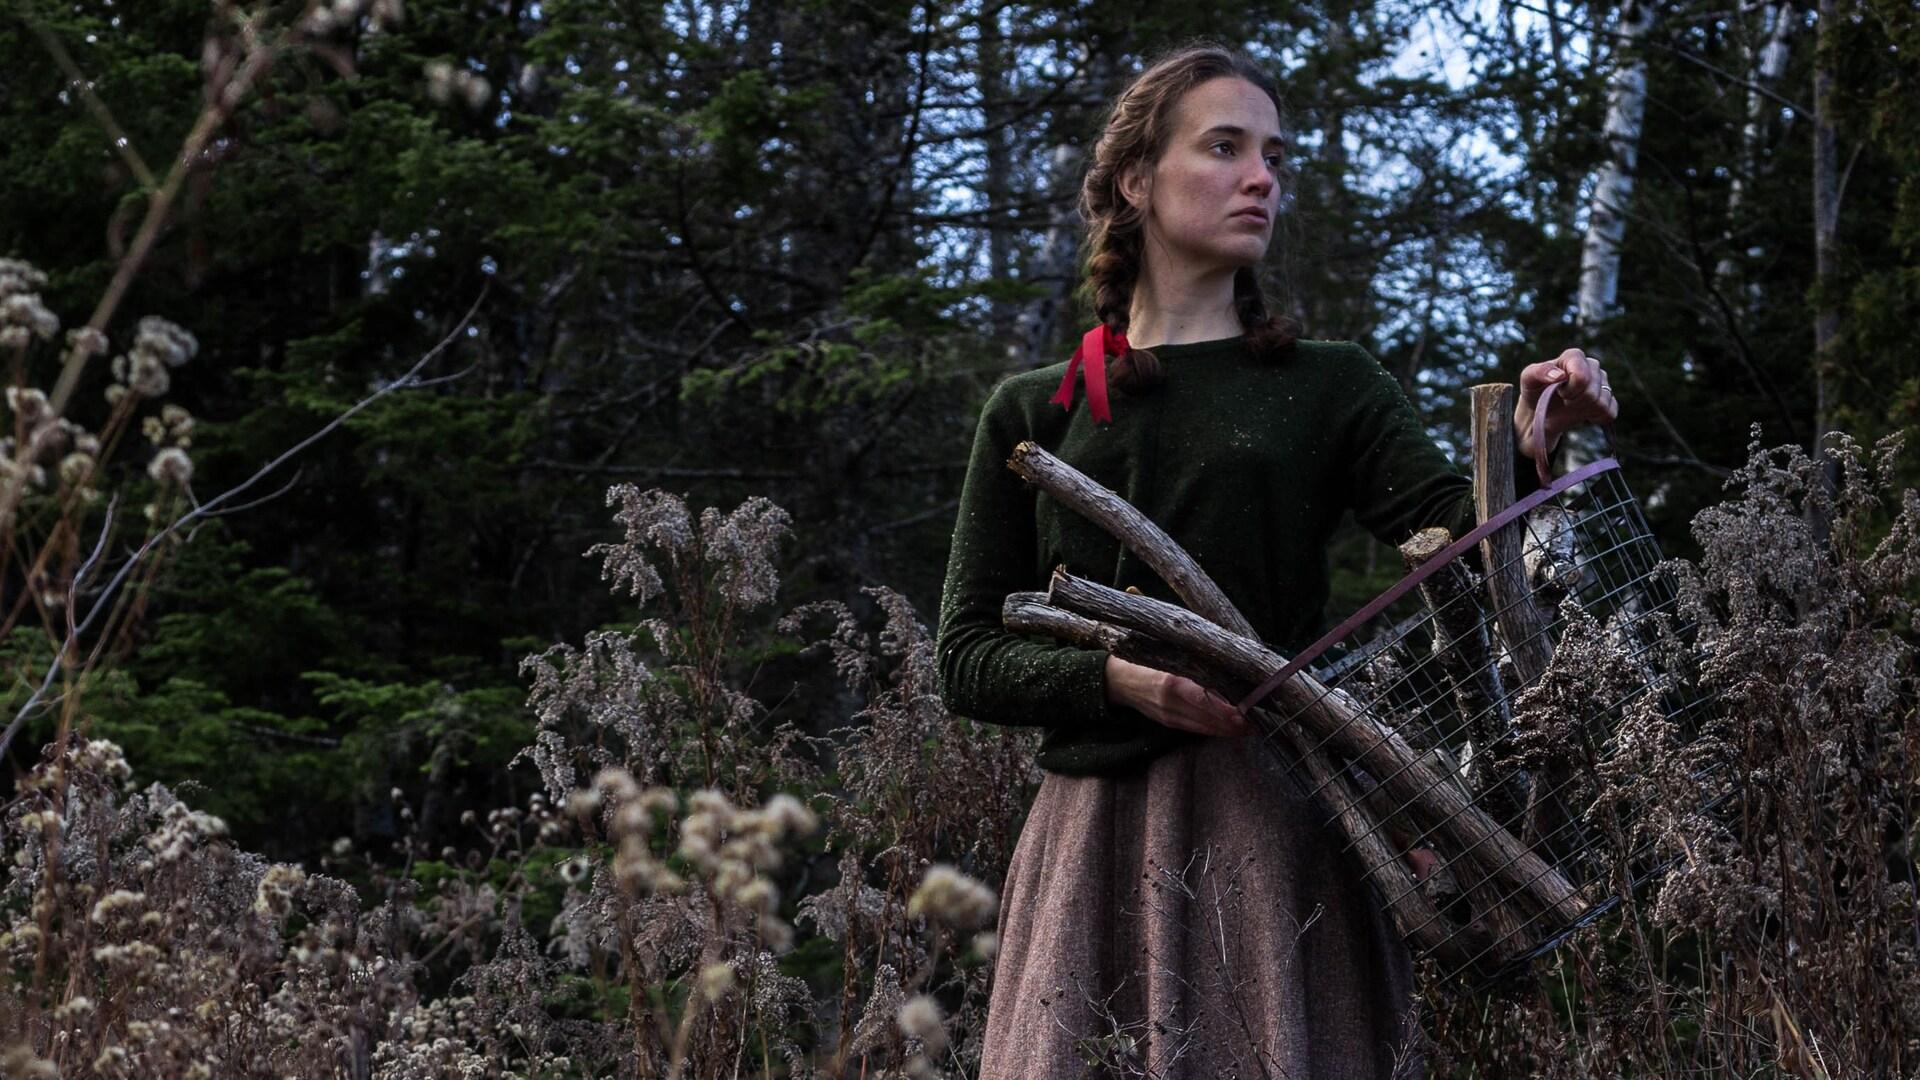 Exemple d'autoportrait narratif en couleur réalisé par Audrée Wilhelmy, écrivaine et photographe, la représentant dans la forêt tenant un panier métallique contenant du bois ramassé.